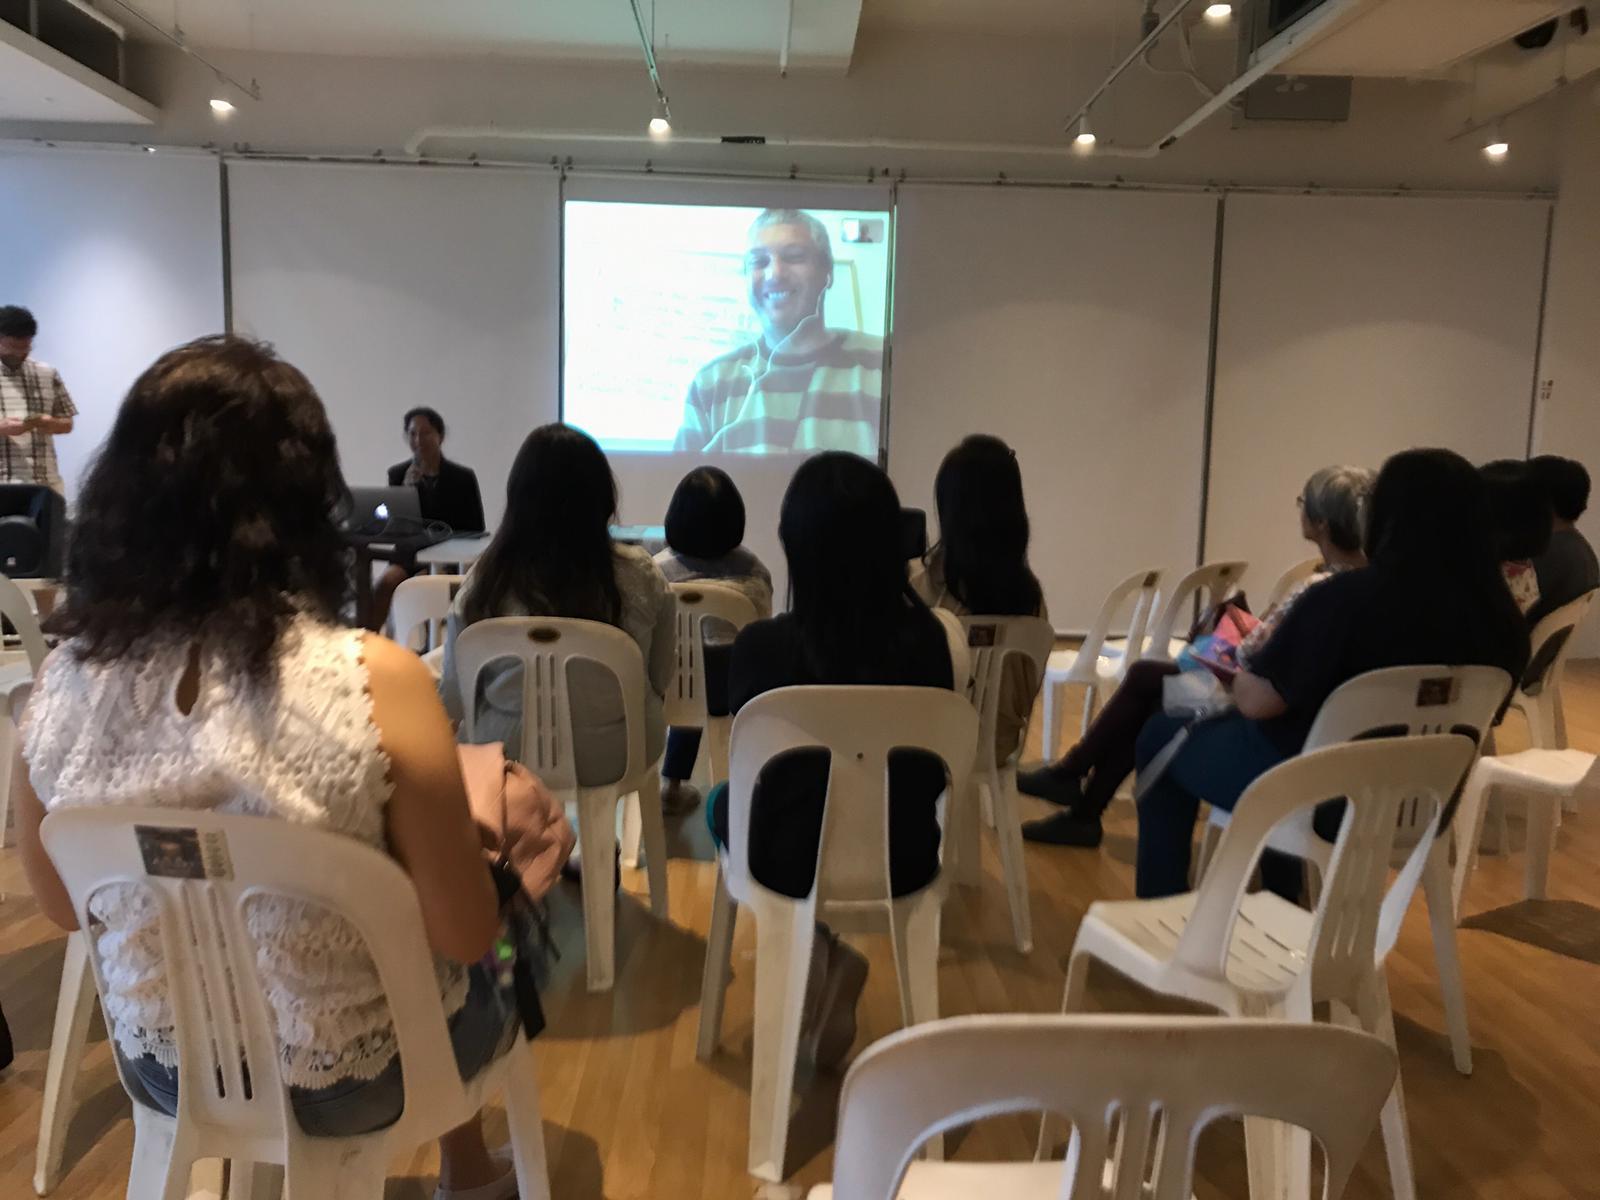 Dr. Antonio Rinaldi speaking via Skype